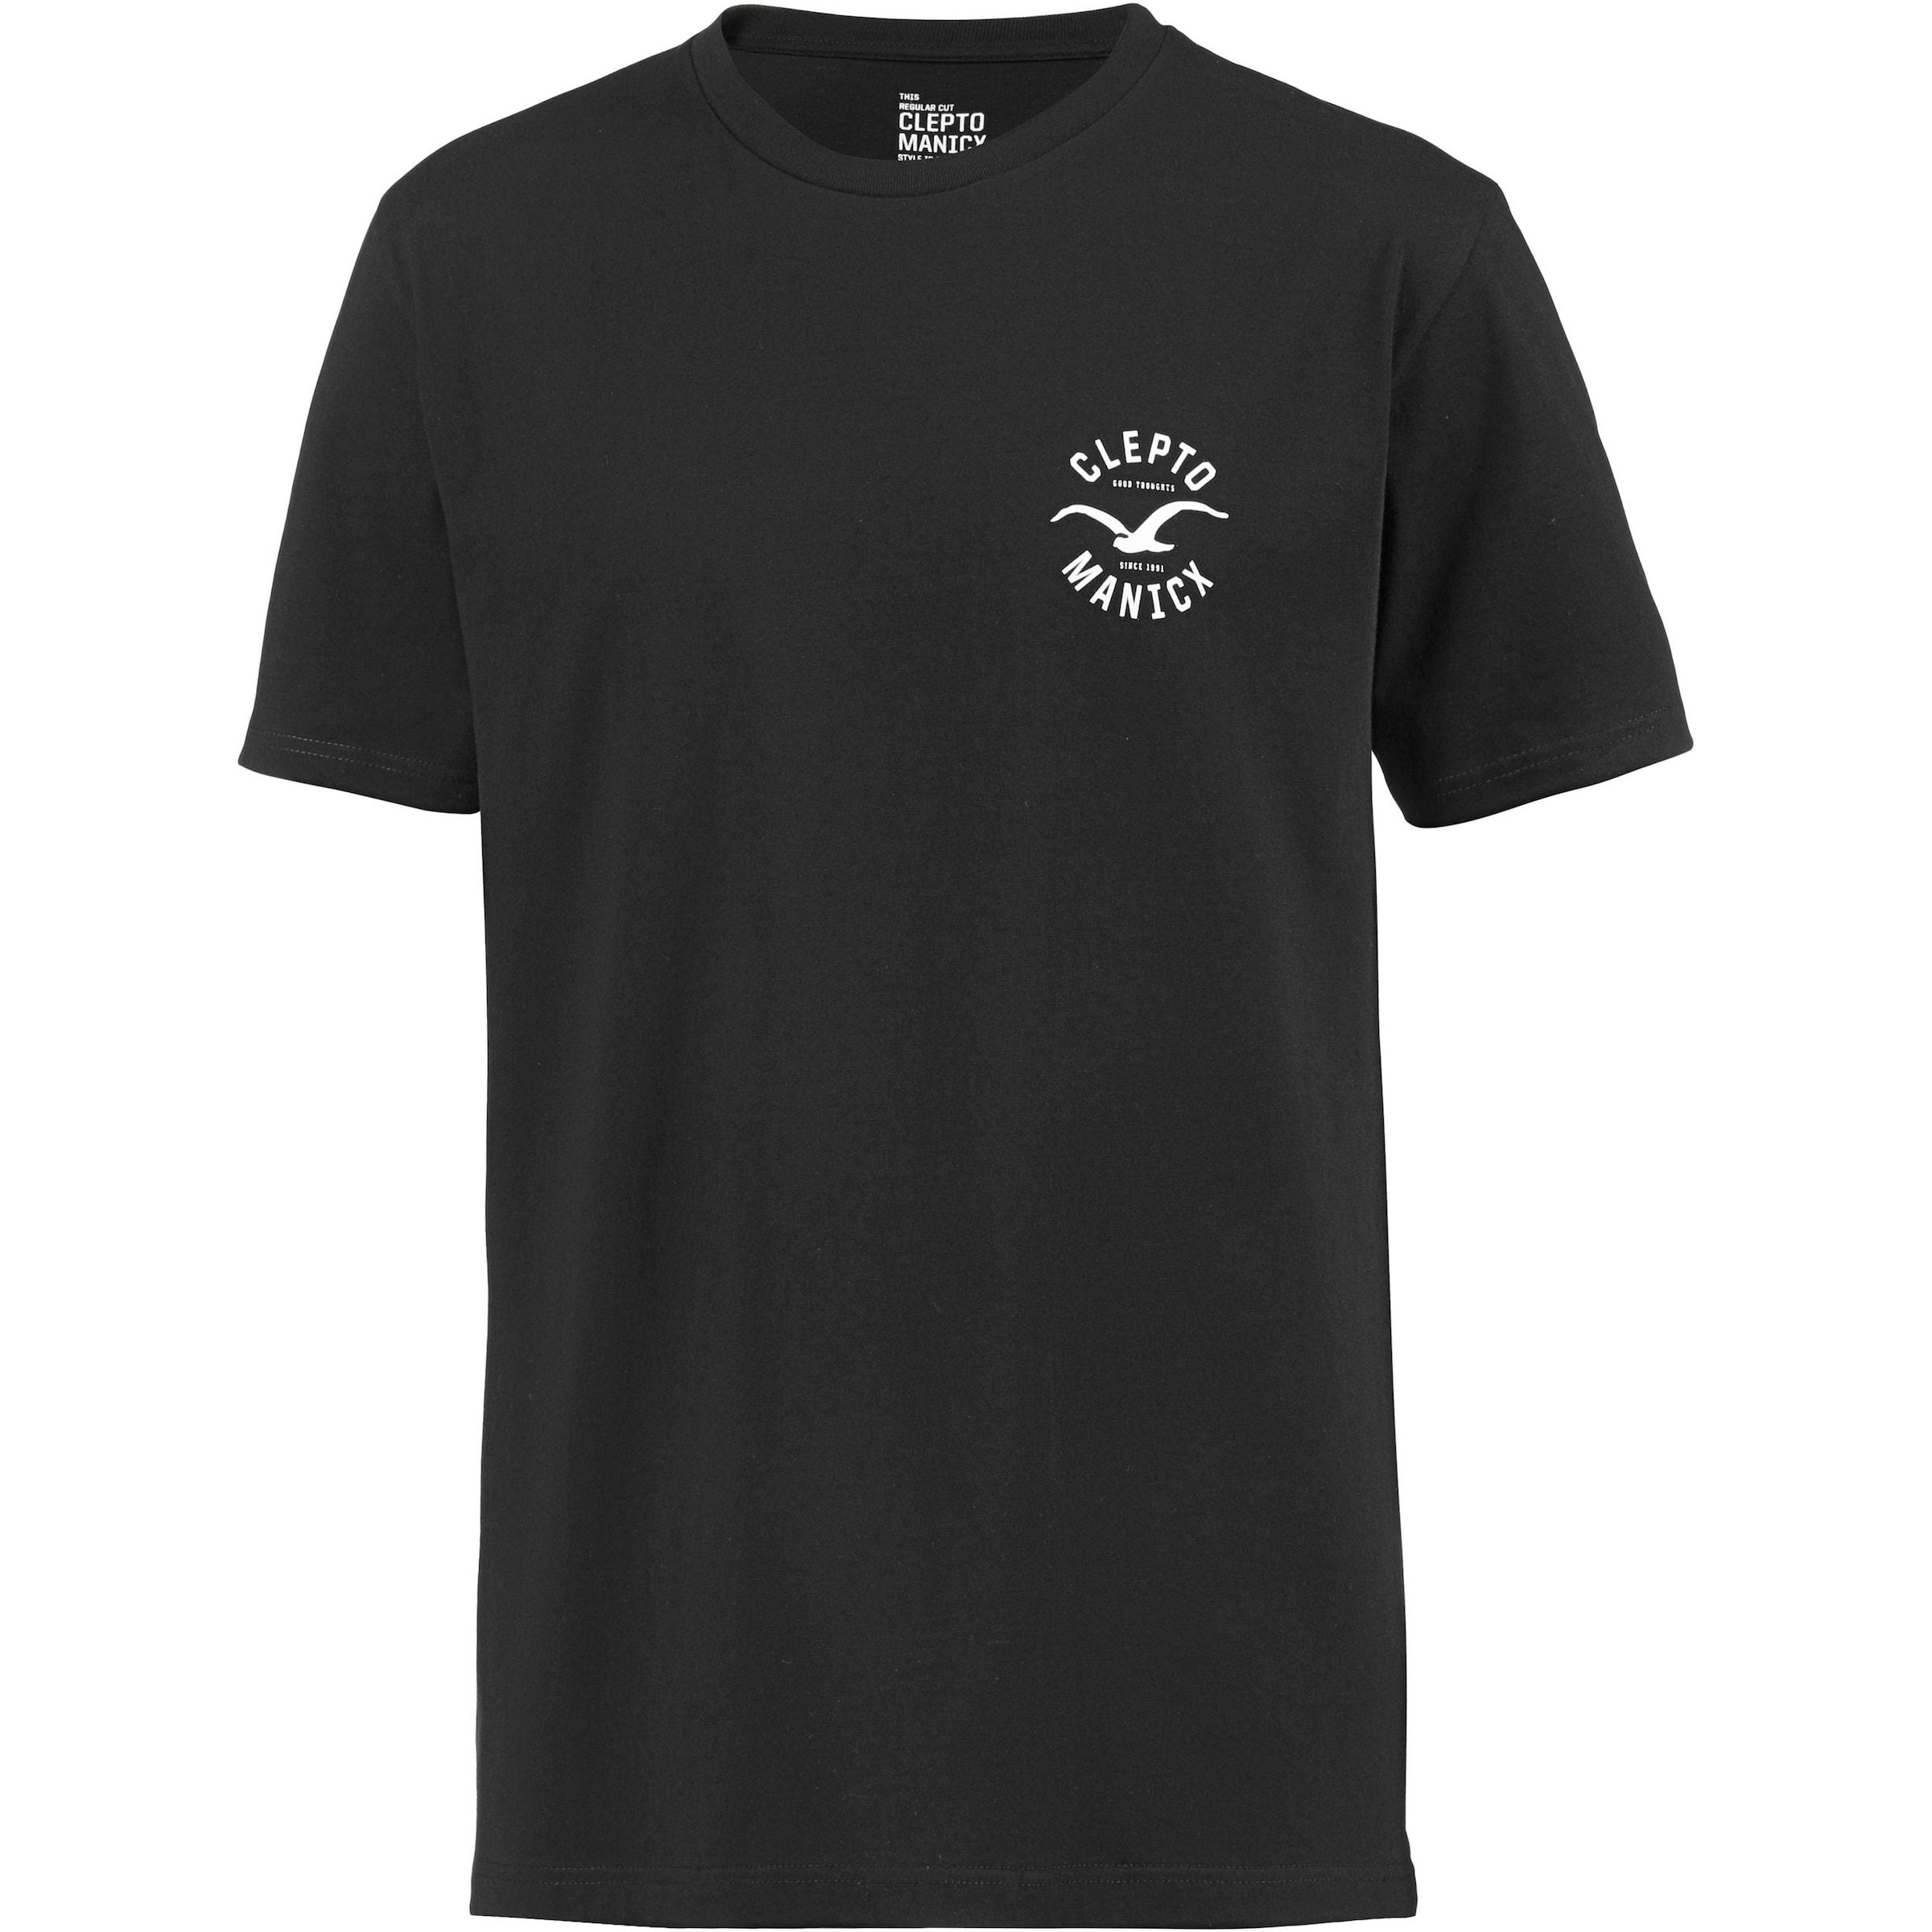 Cleptomanicx 'Game' T-Shirt 2018 Auslaß Billig Klassisch Grenze Angebot Billig Die Günstigste Zum Verkauf Schnelle Lieferung ic58c